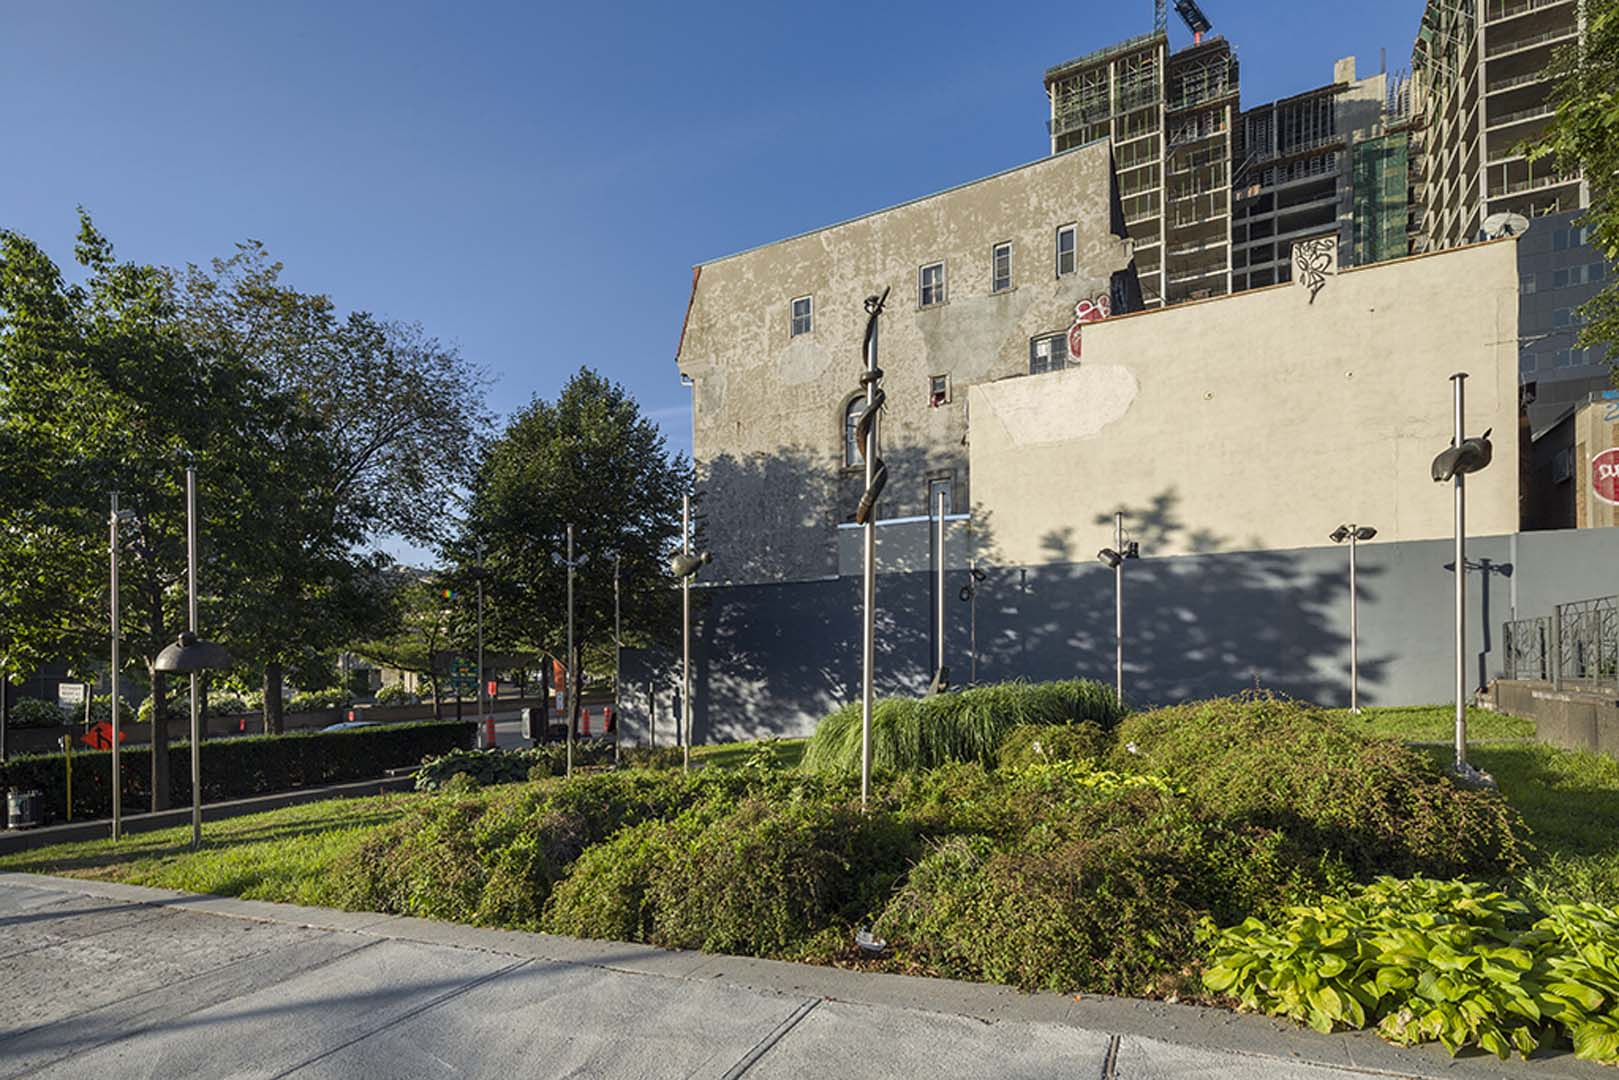 Bureau d 39 art public ville de montr al le jardin de lyon - Jardin ville de quebec perpignan ...